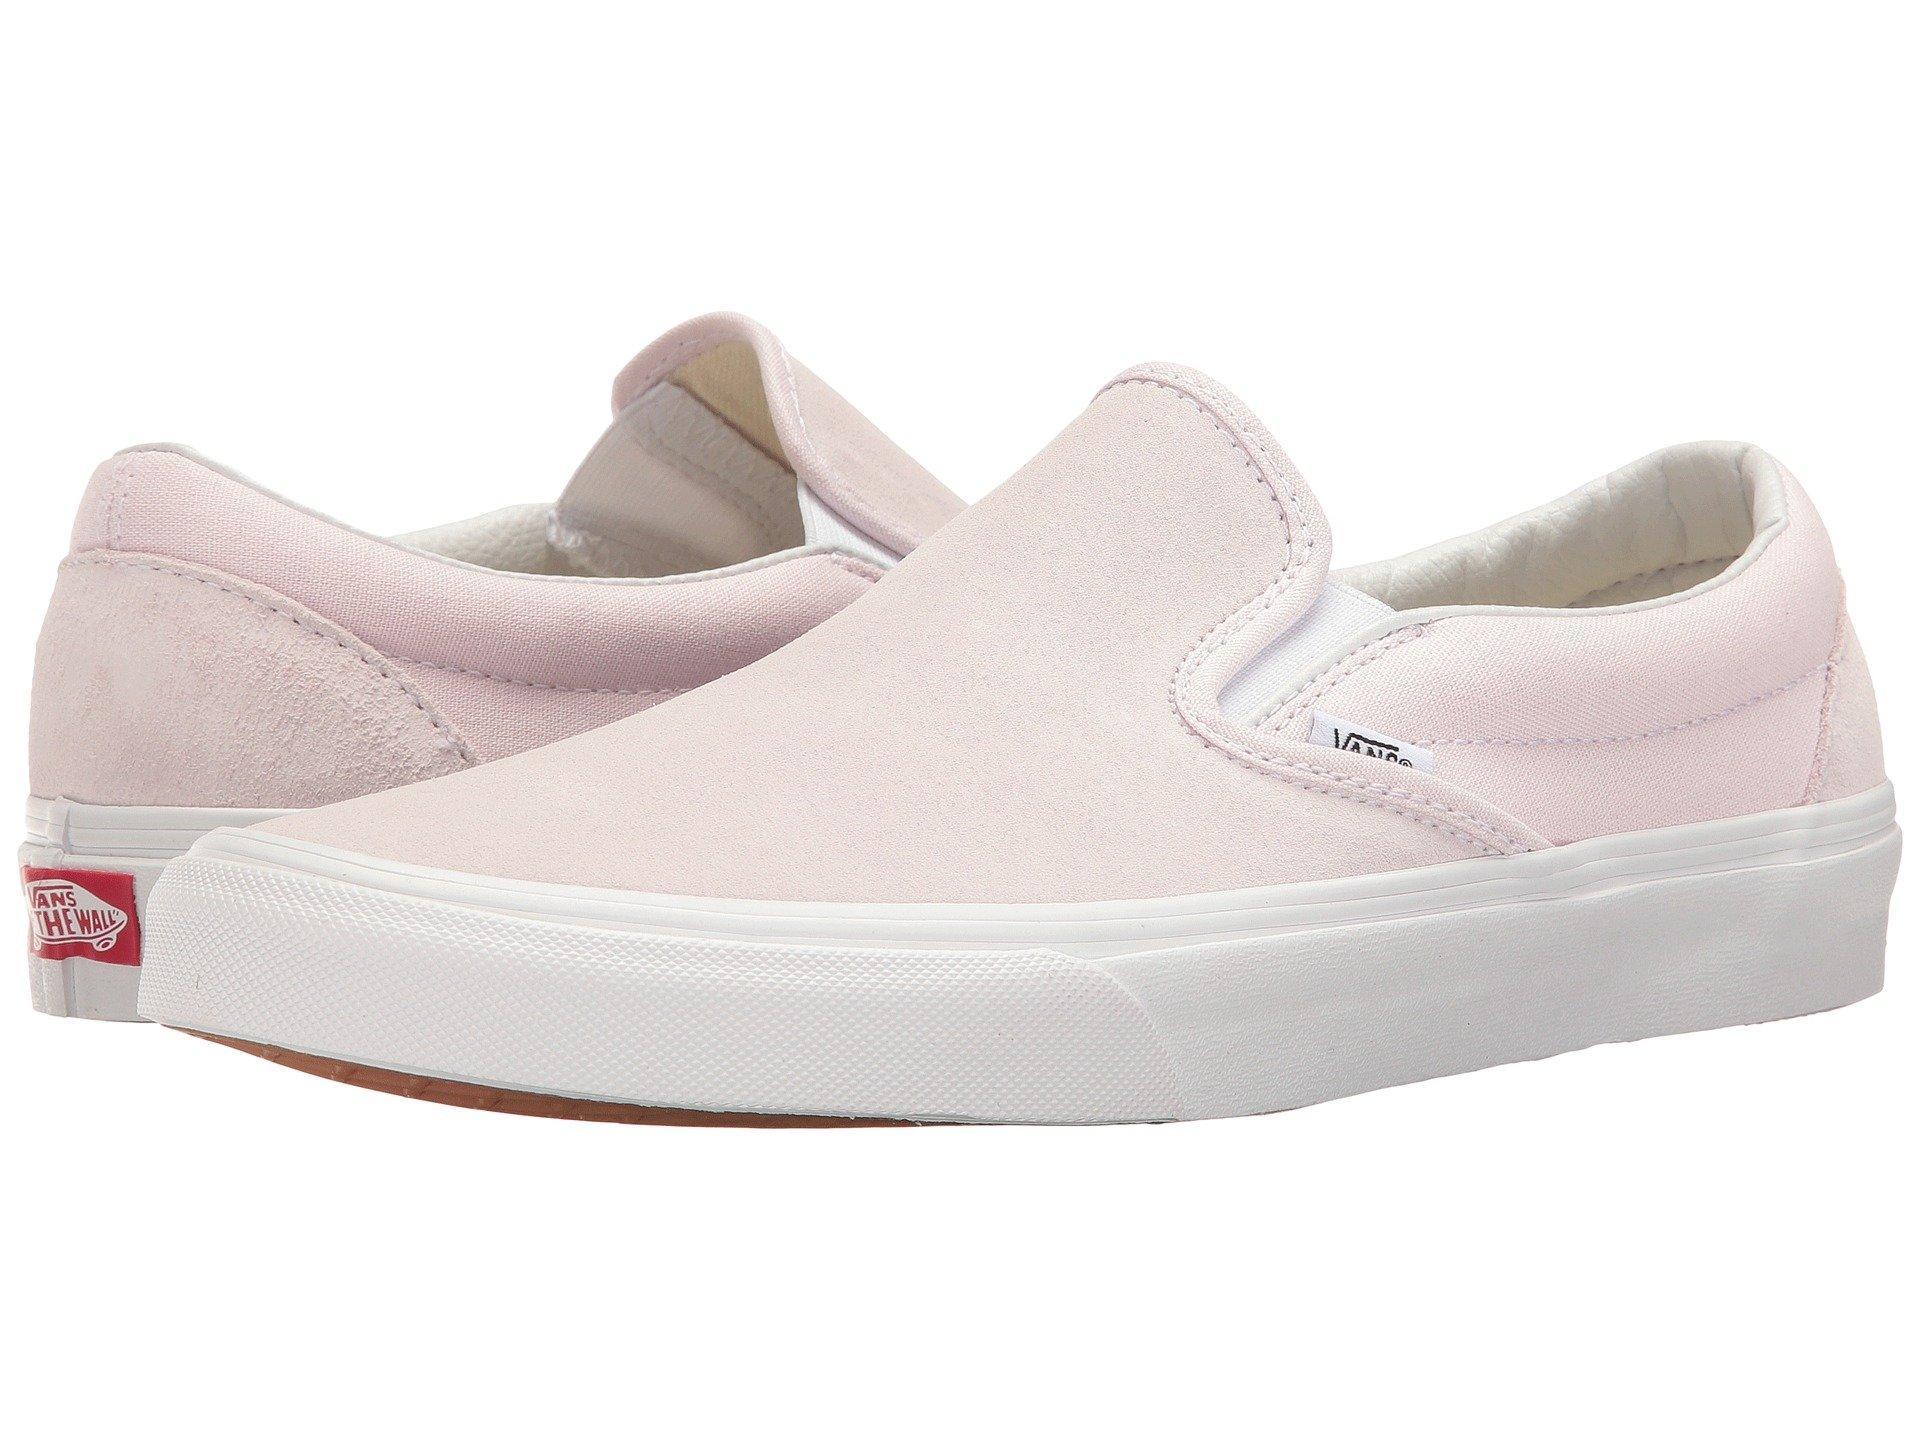 0c709d13ca Vans Classic Slip-On™